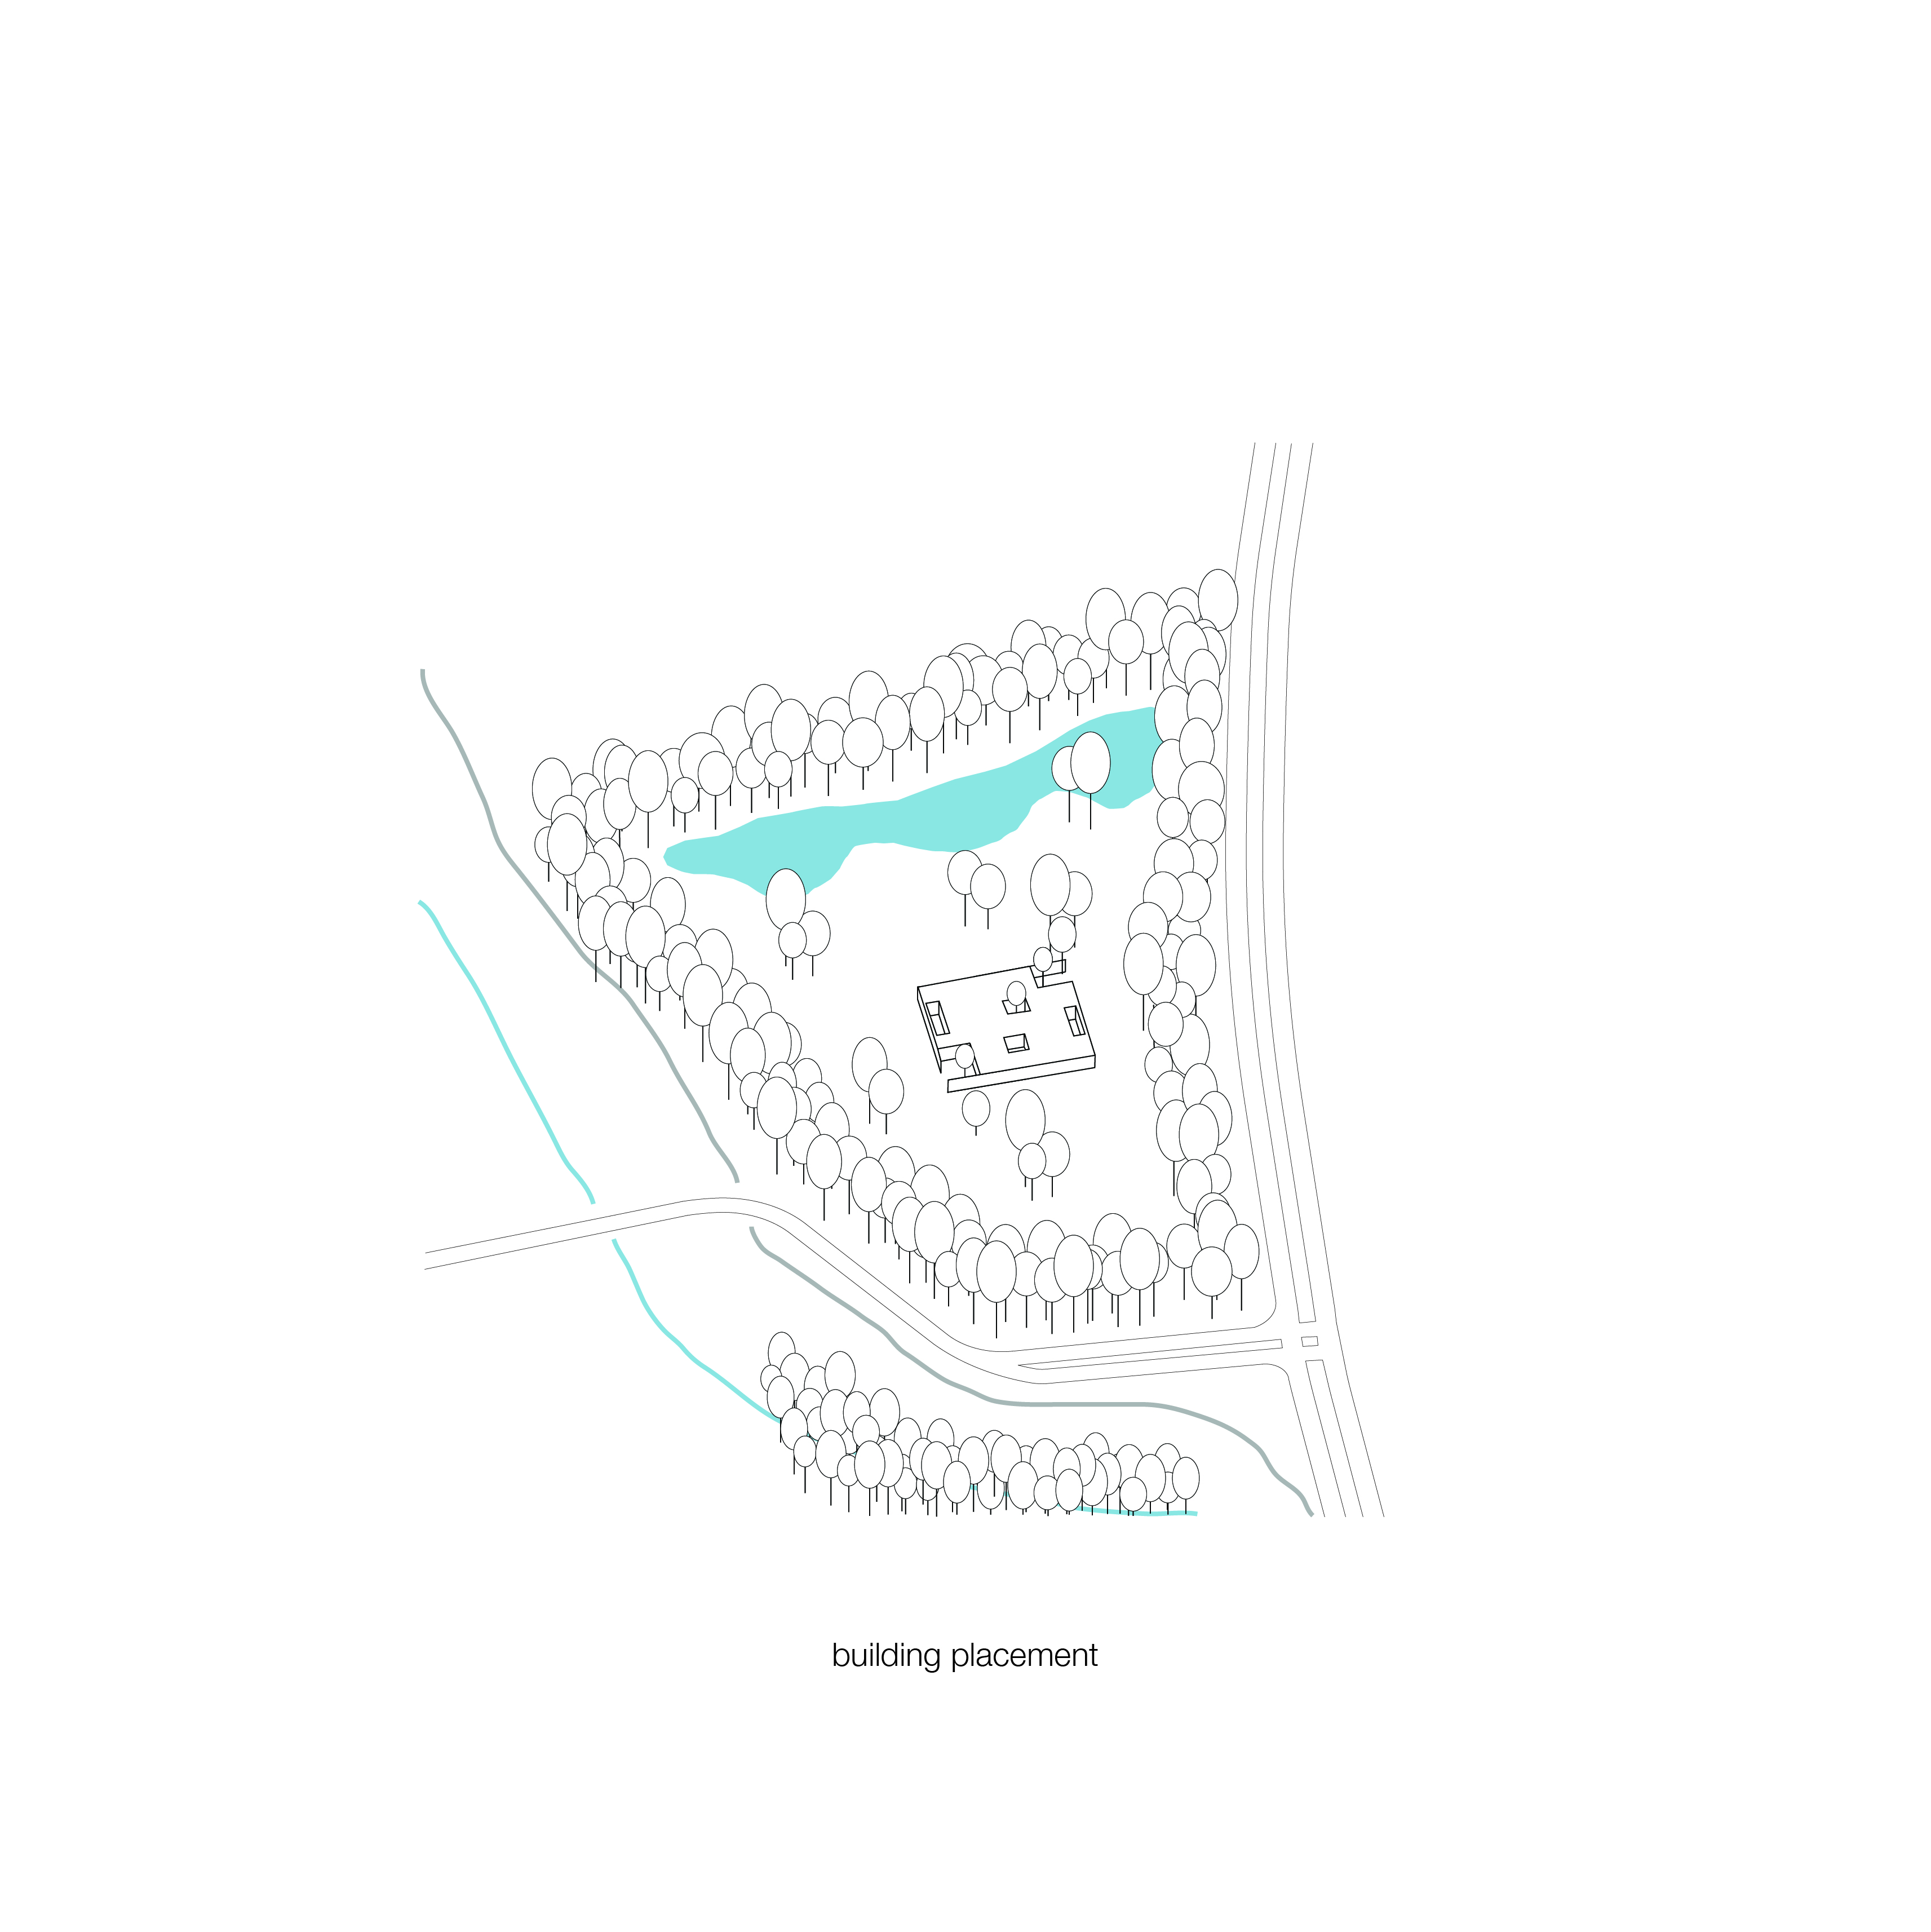 <p>Schema plaatsing gebouw. Crematorium Siesegem -KAAN Architecten. </p>